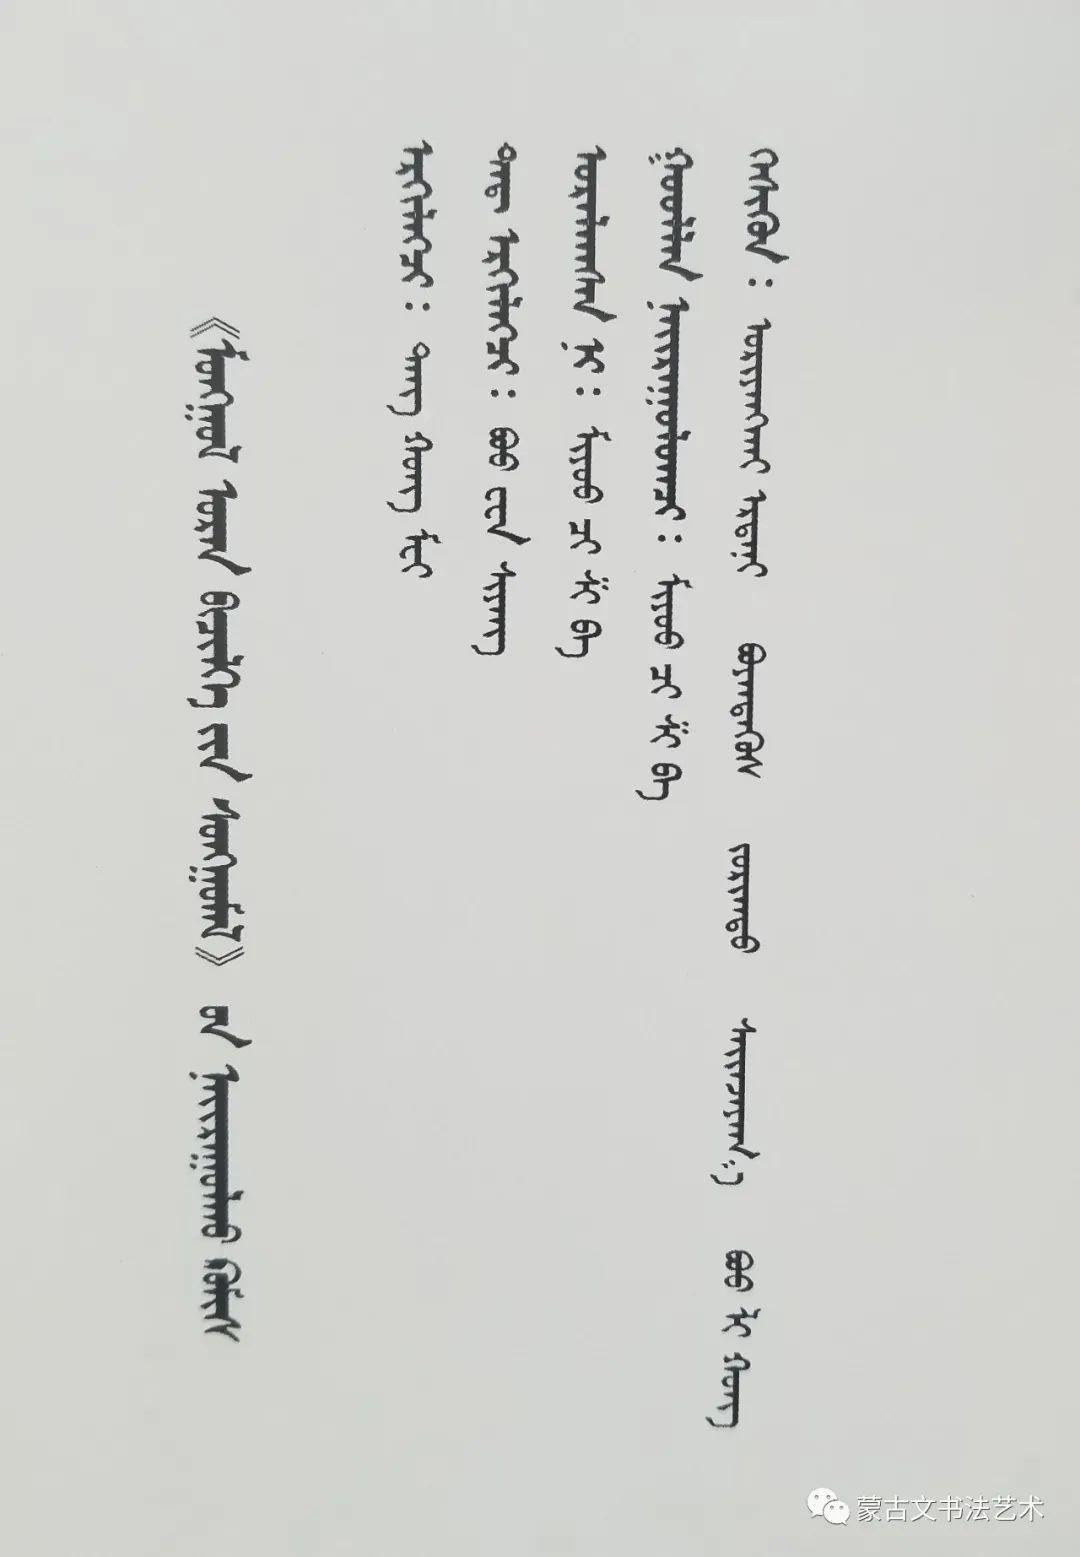 蒙古文书法作品集 第4张